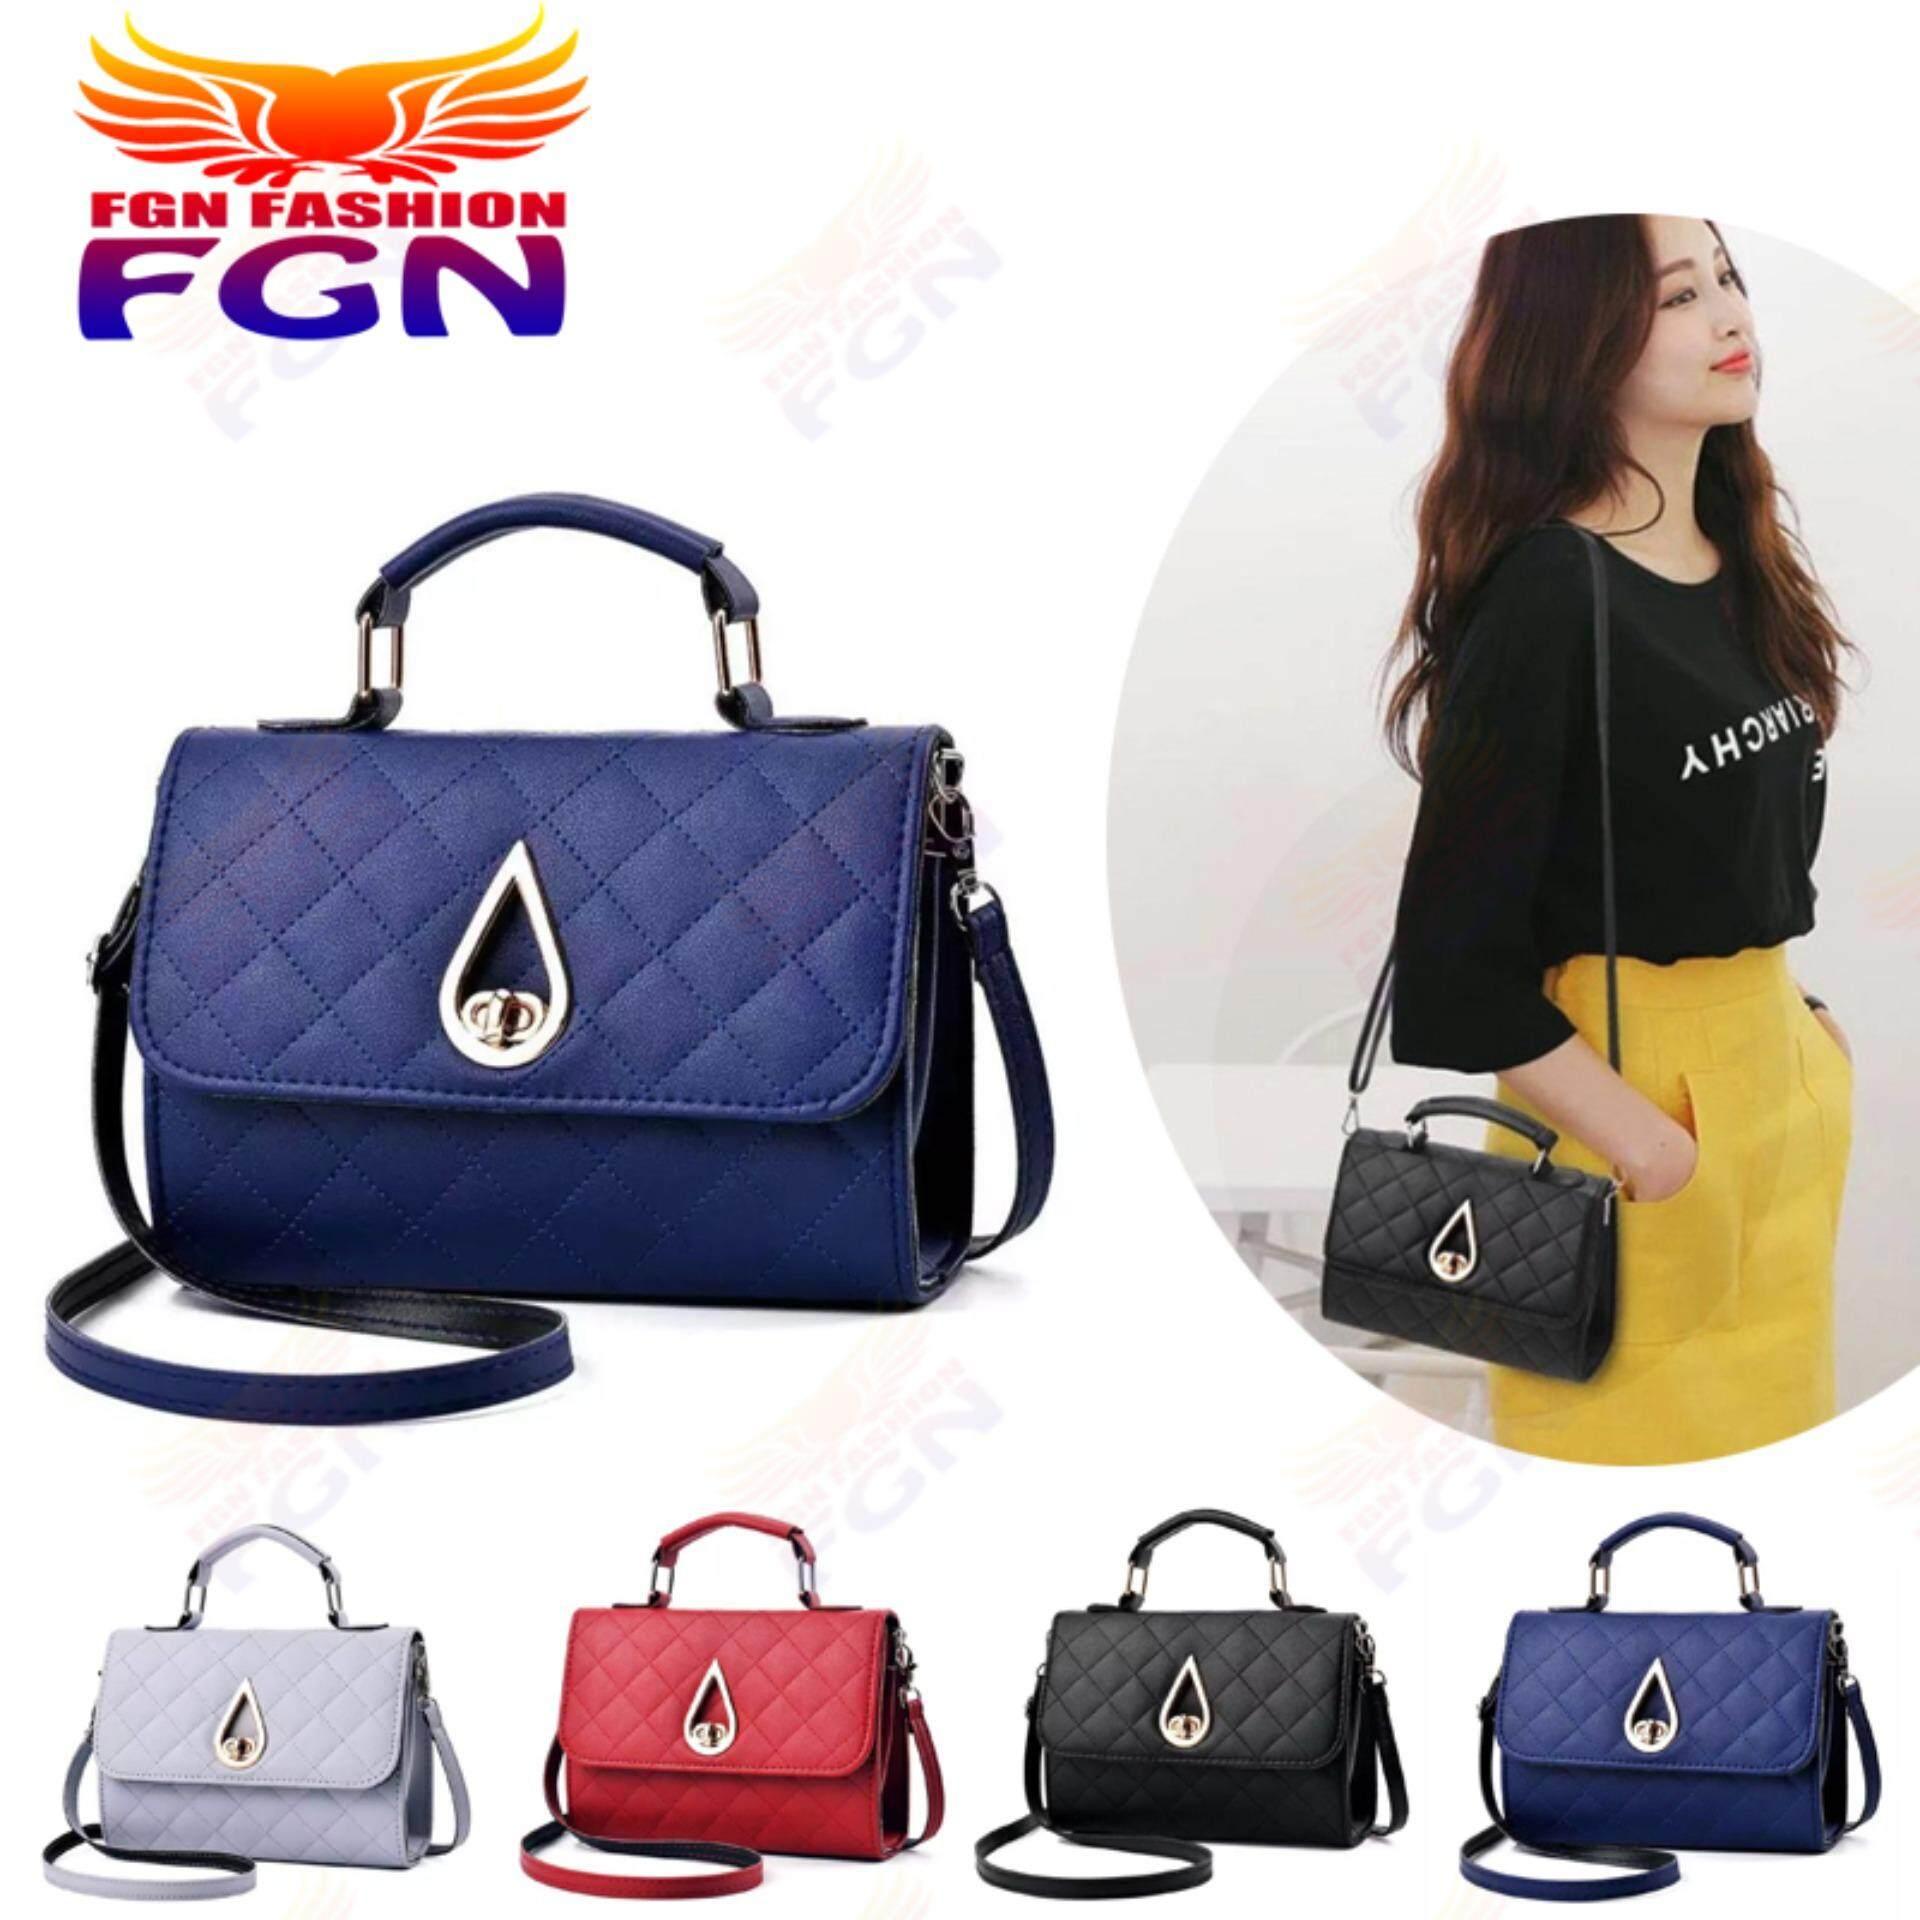 กระเป๋าสะพายพาดลำตัว นักเรียน ผู้หญิง วัยรุ่น กระบี่ FGN กระเป๋า กระเป๋าสะพาย กระเป๋าสะพายพาดลำตัว Women Shoulder bag FGN 086 มีสีให้เลือก4สี (สีฟ้า)